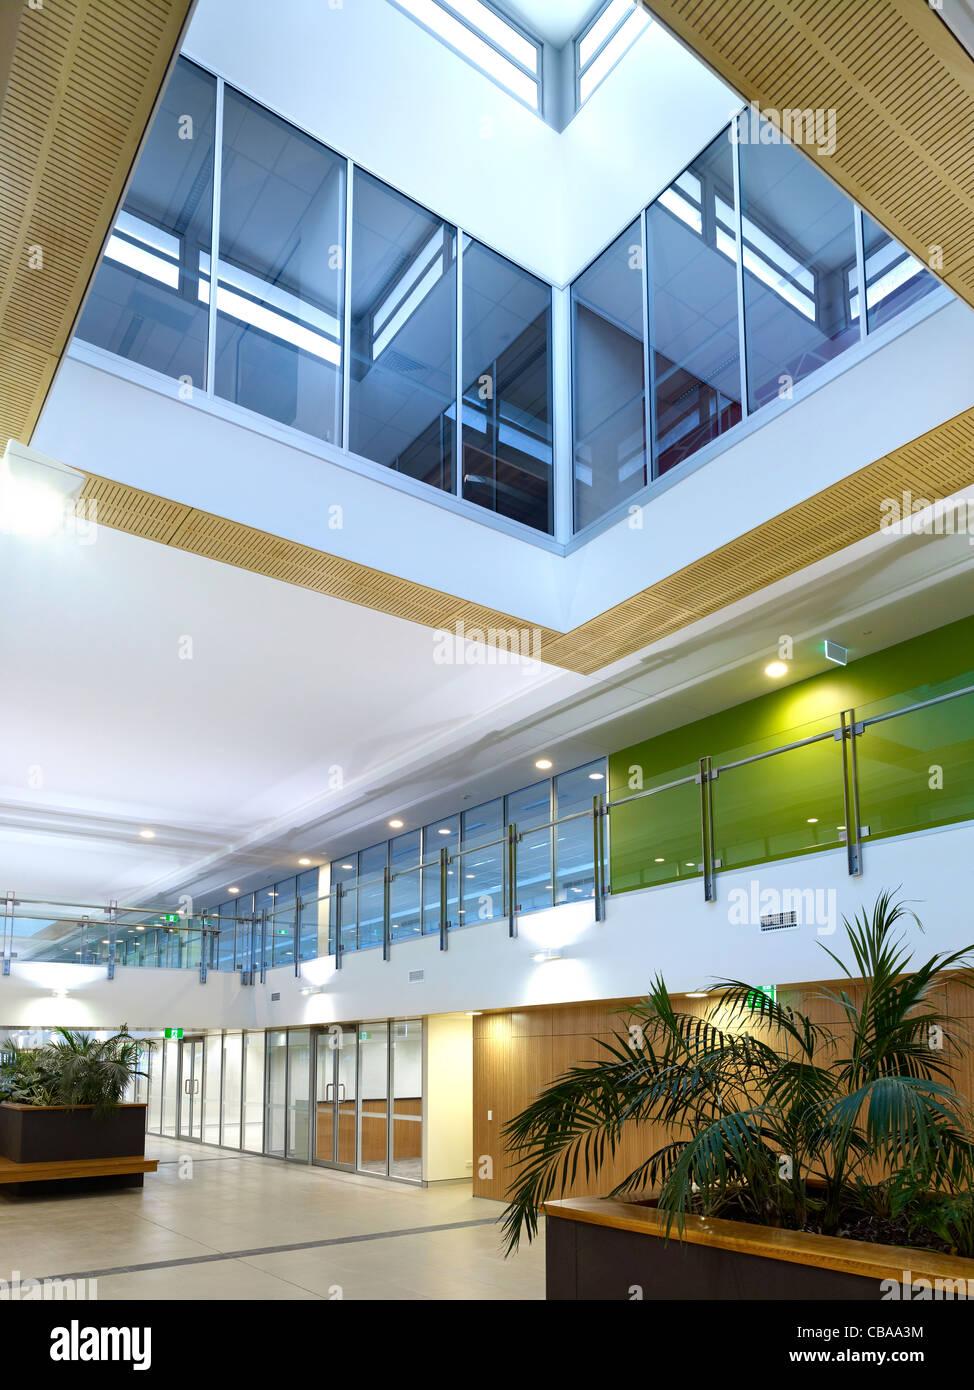 Interior comercial moderno vestíbulo con atrio de luz diurna Imagen De Stock